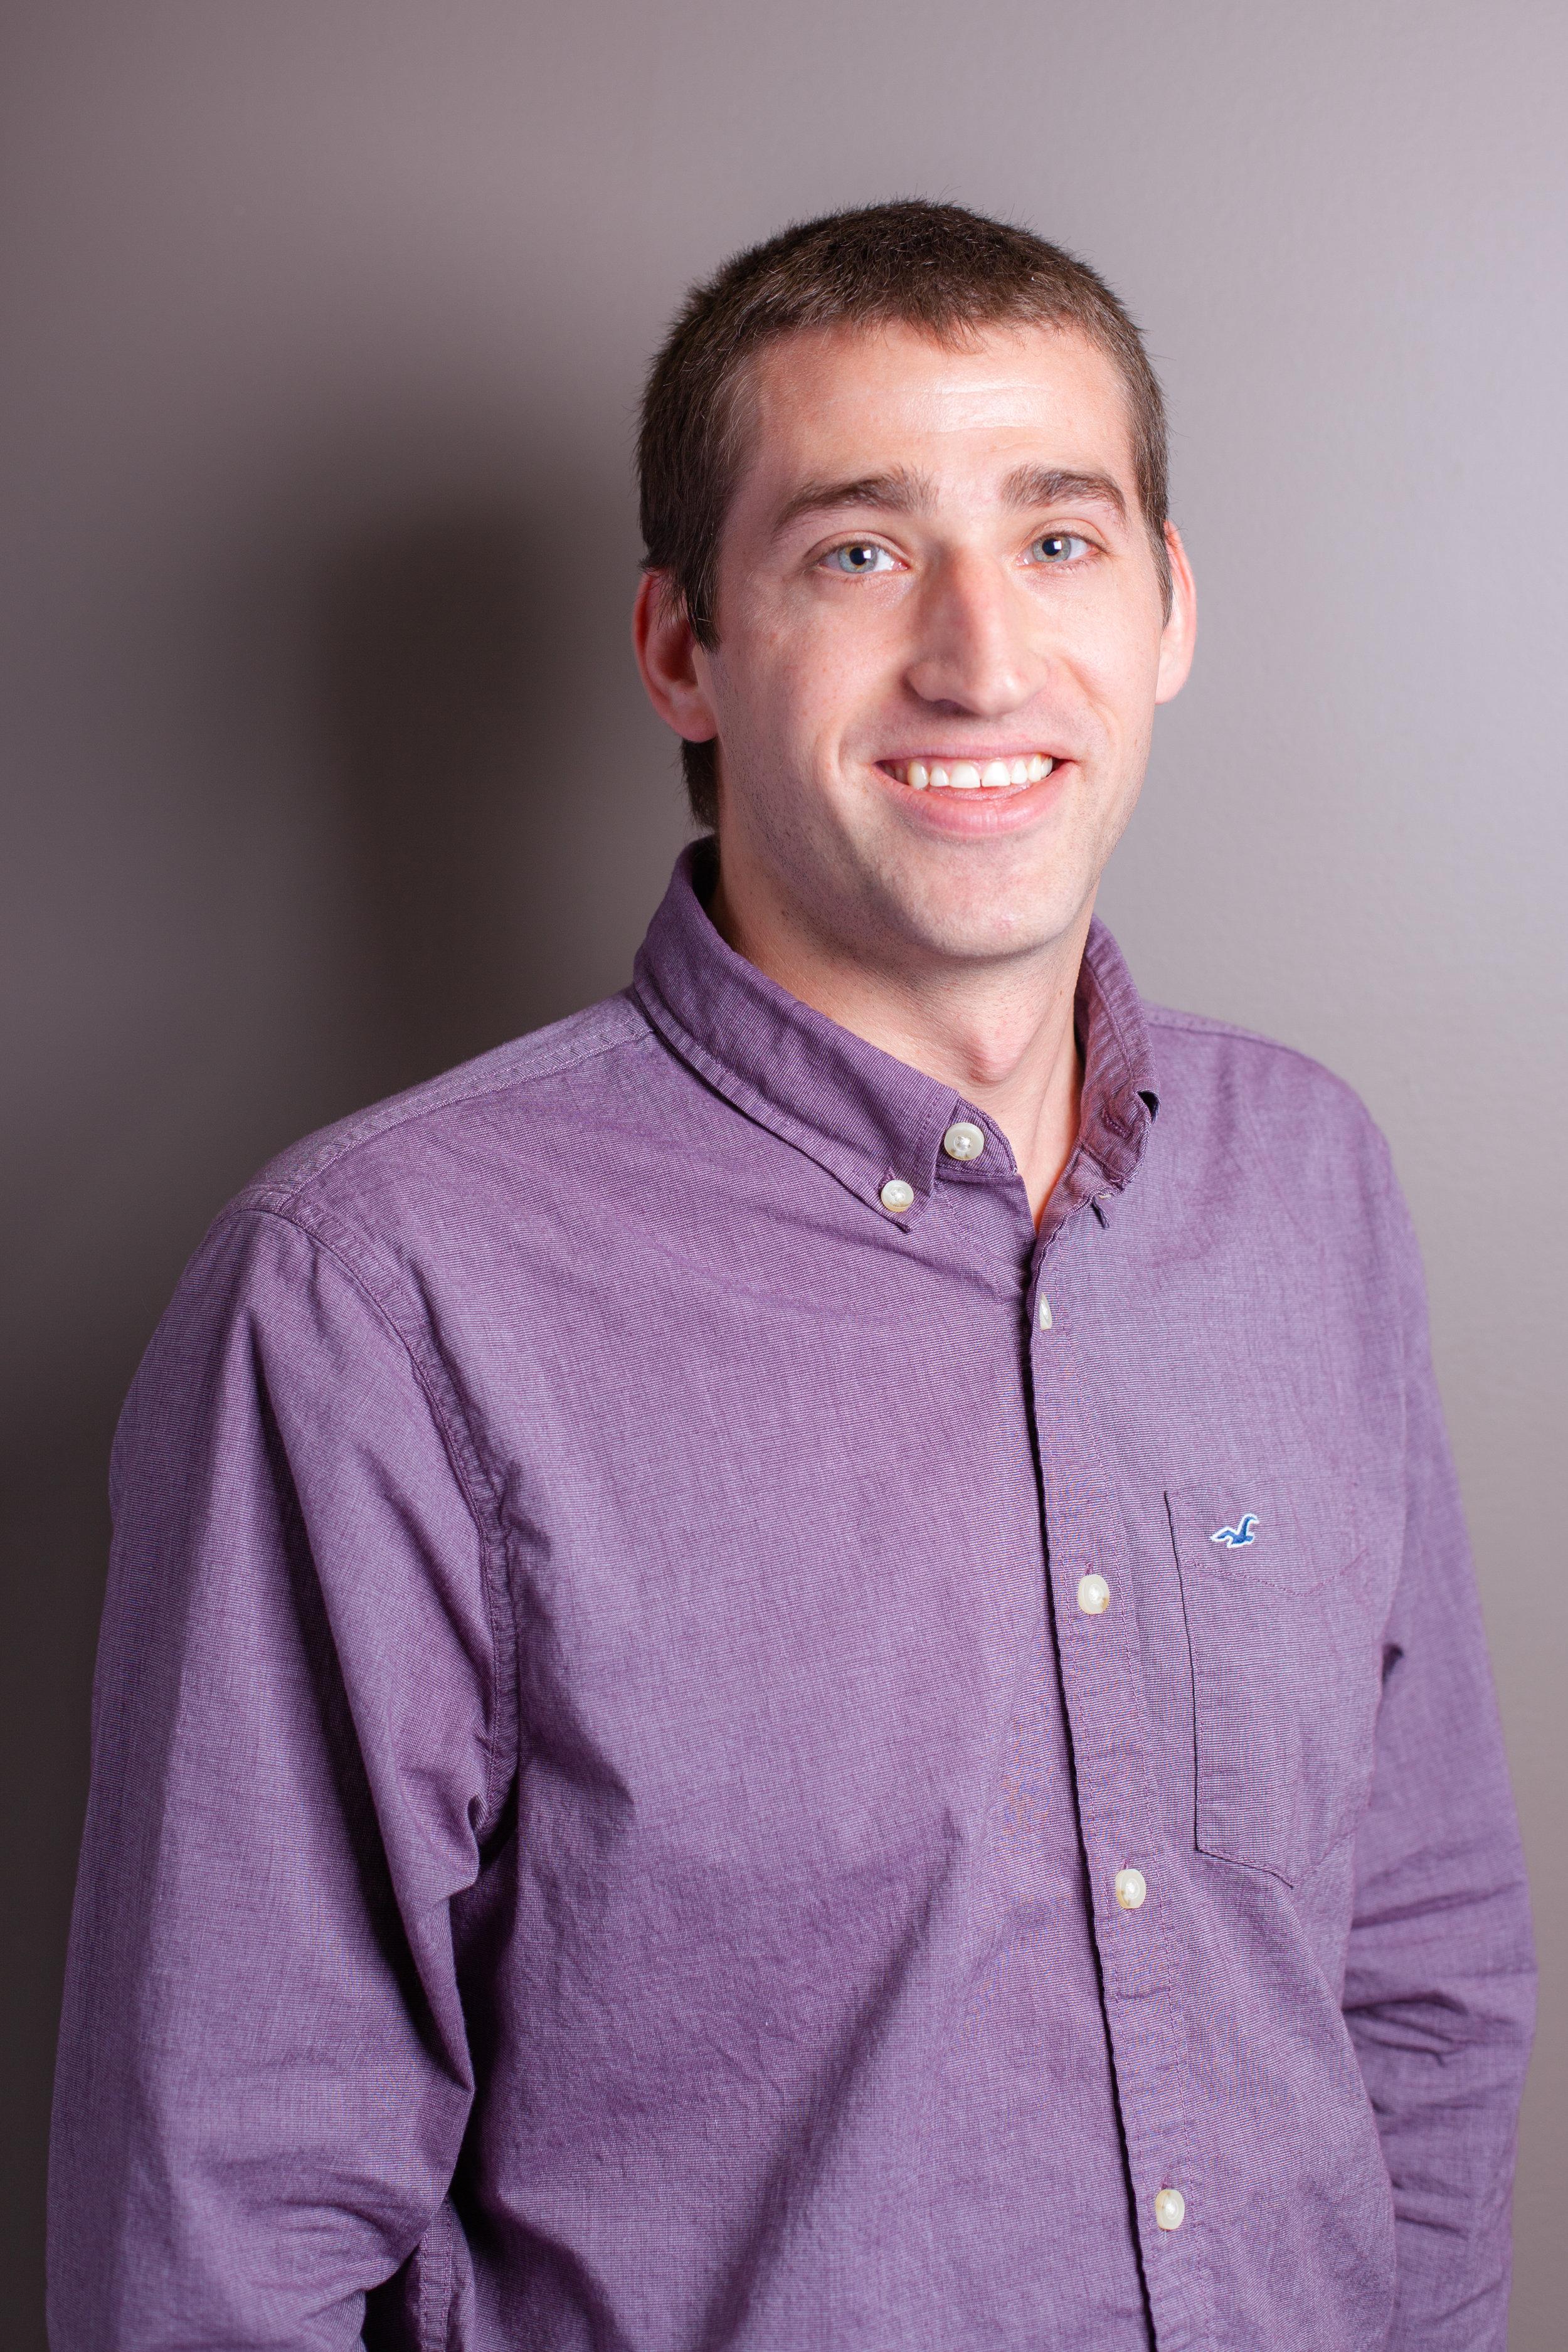 JASON MCLANE, CLIENT SERVICE AGENT ASSISTANT